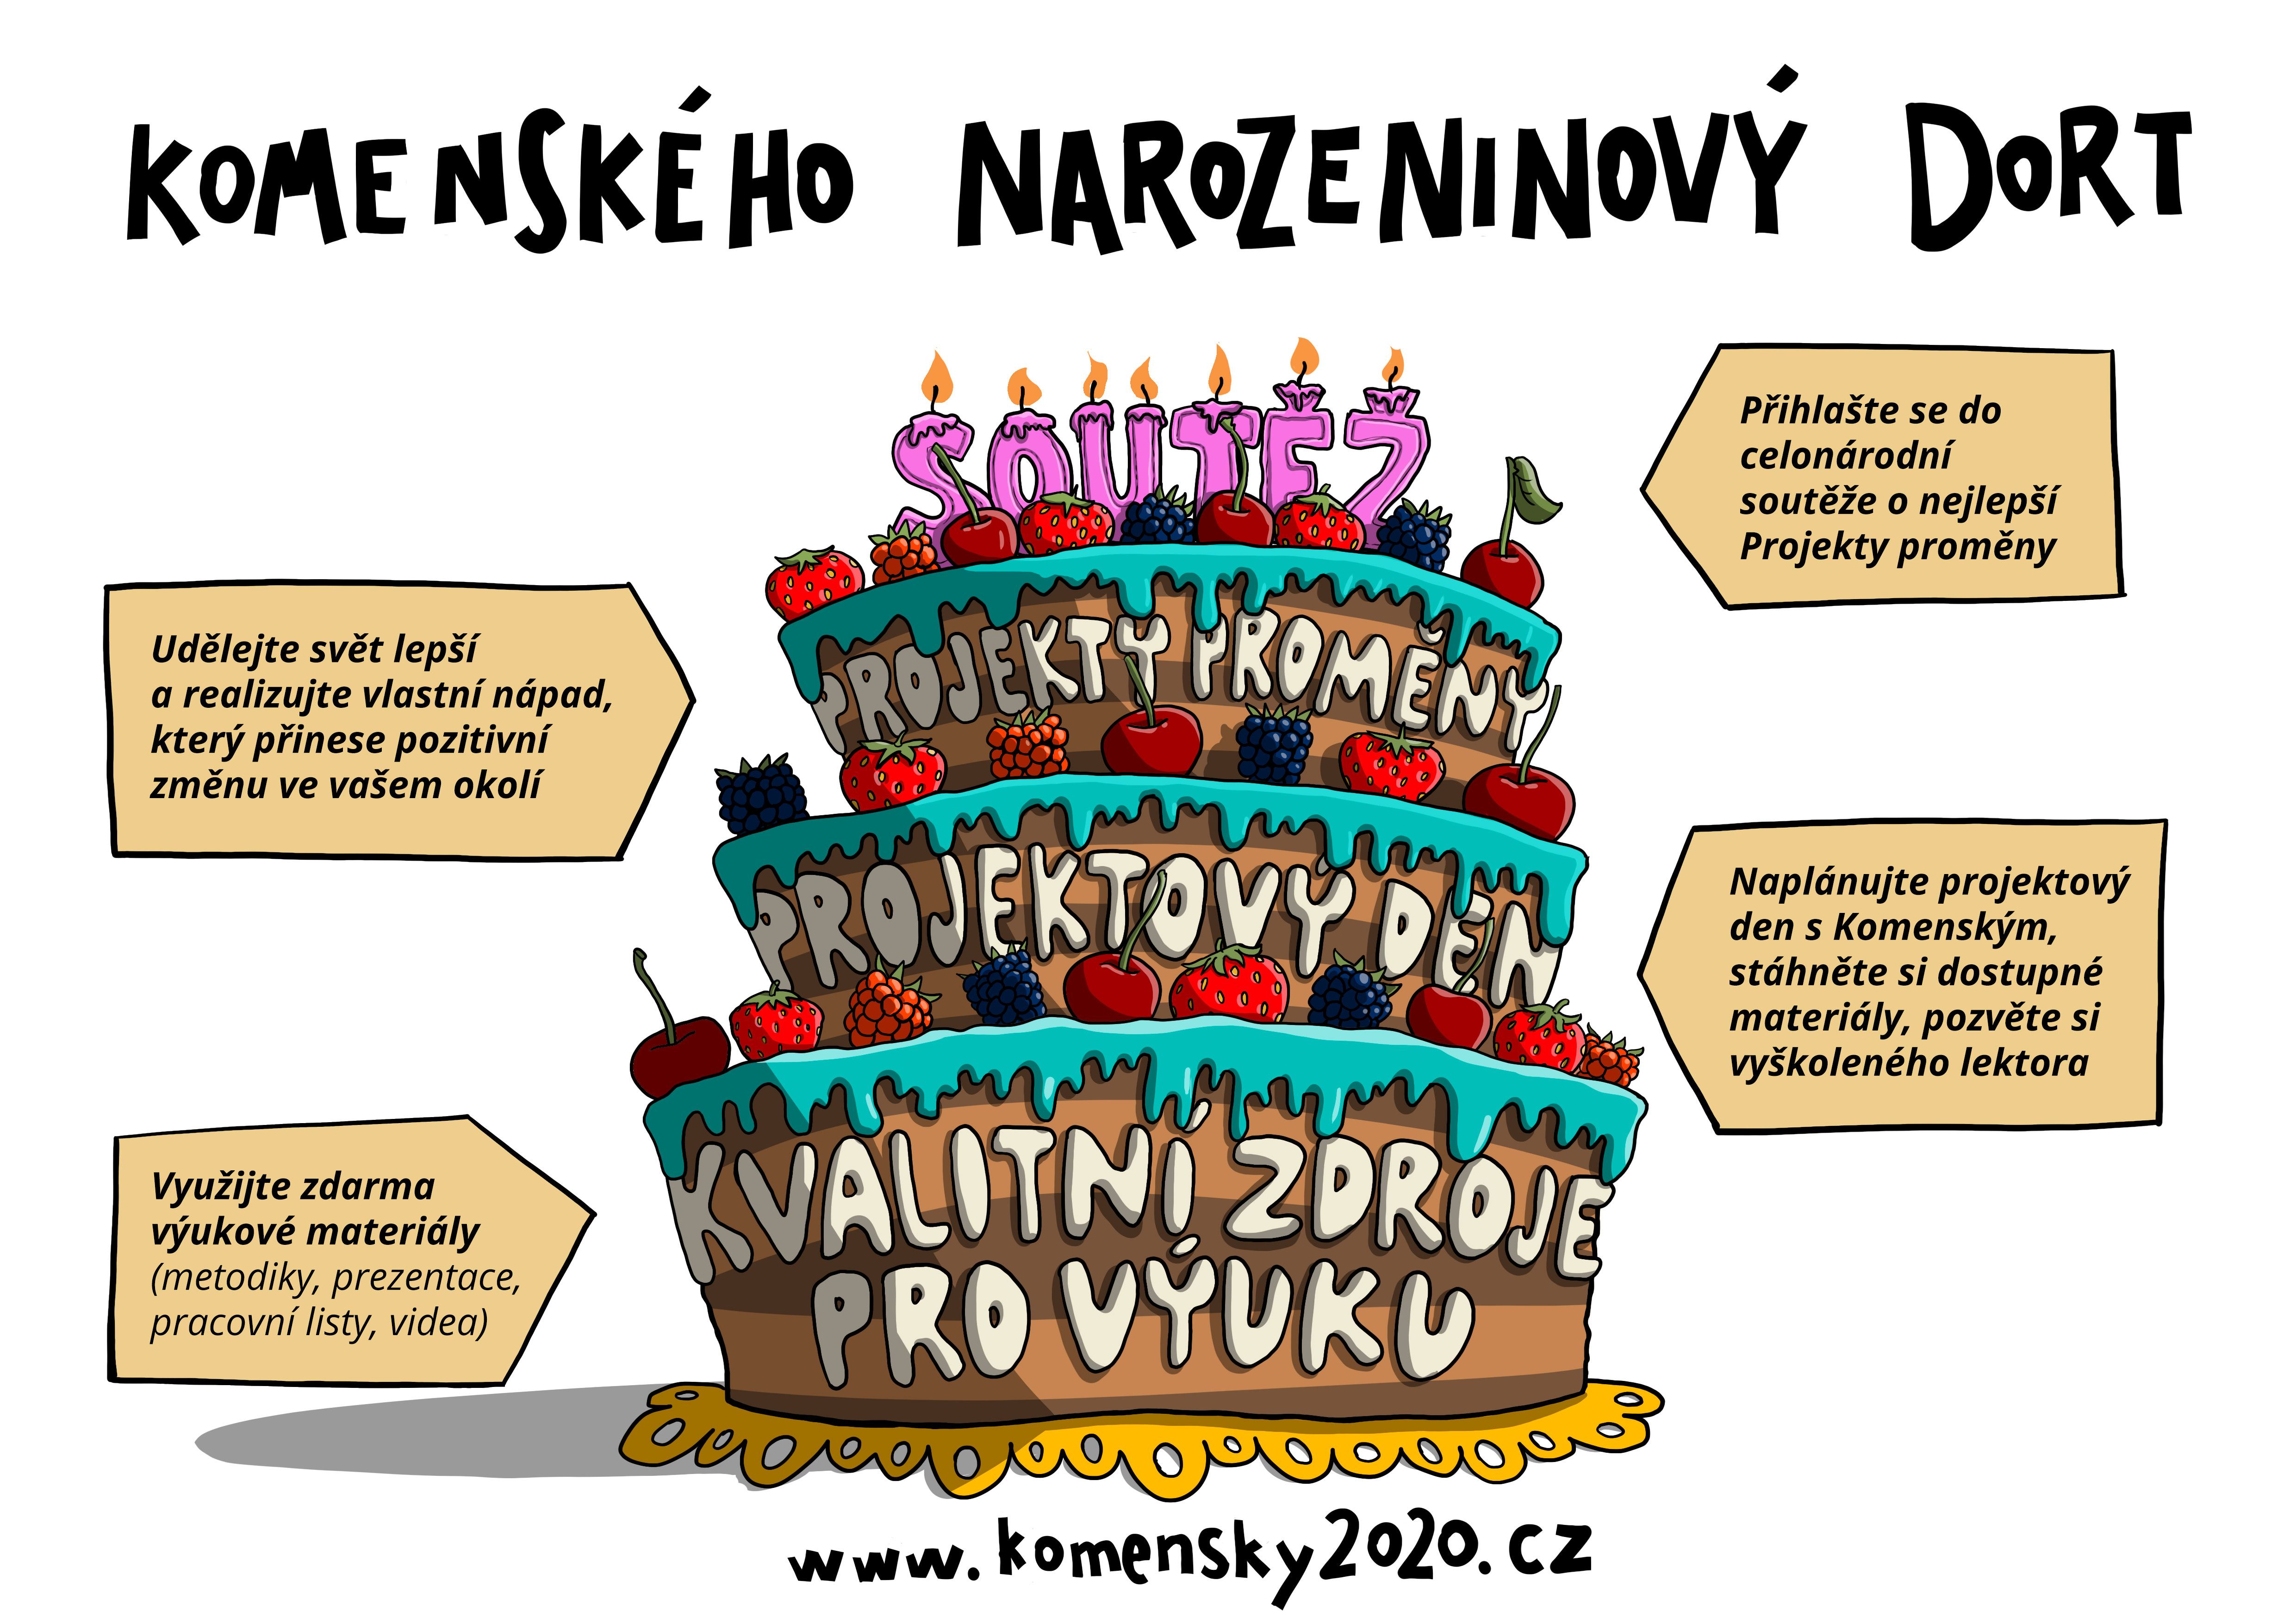 komenskeho-narozeninovy-dort-11